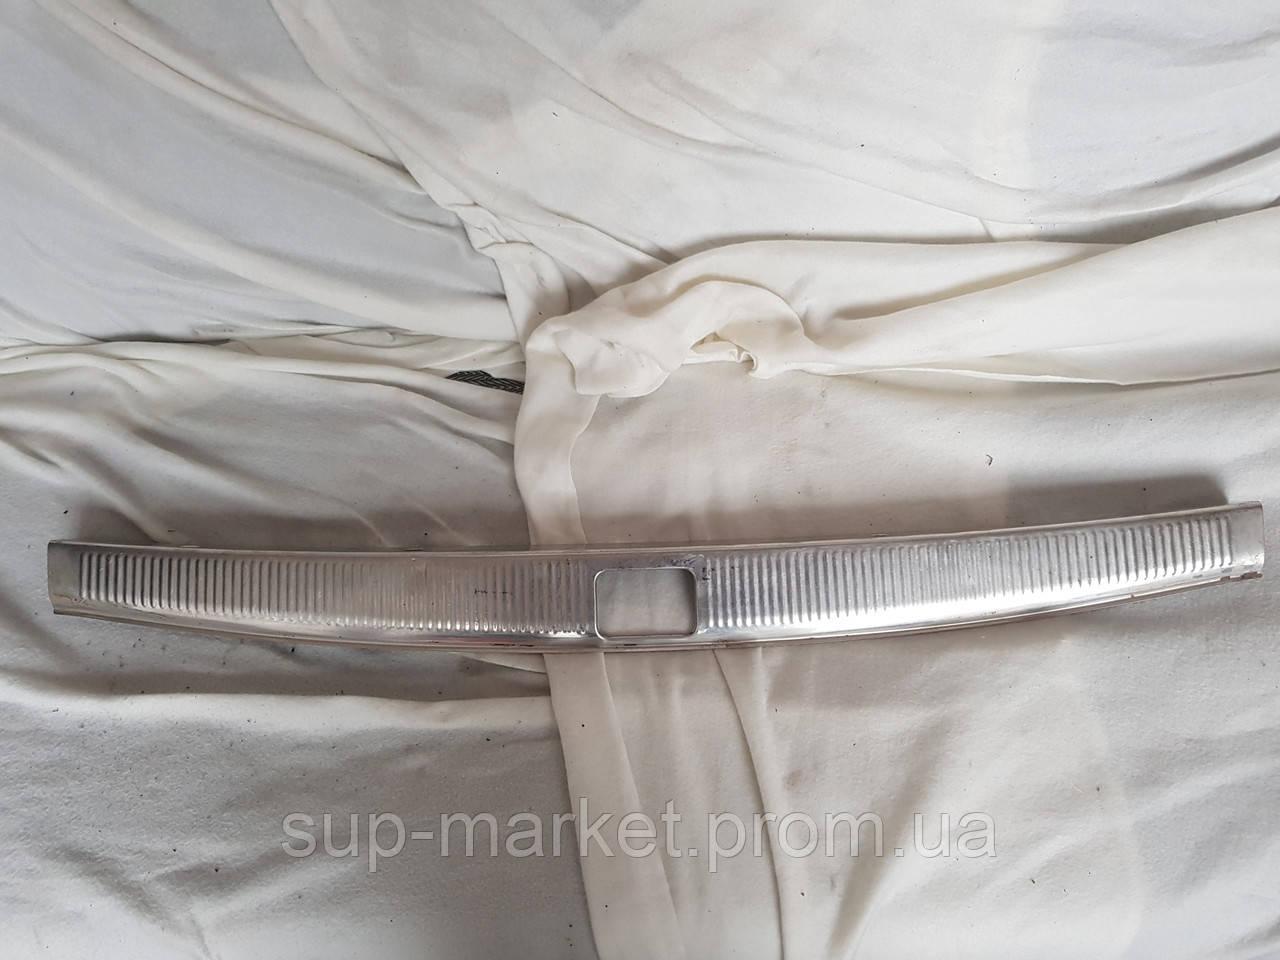 4B9864483A Накладка порога багажника (хром) для VAG A6 C5 2.5TDI 1997-2004